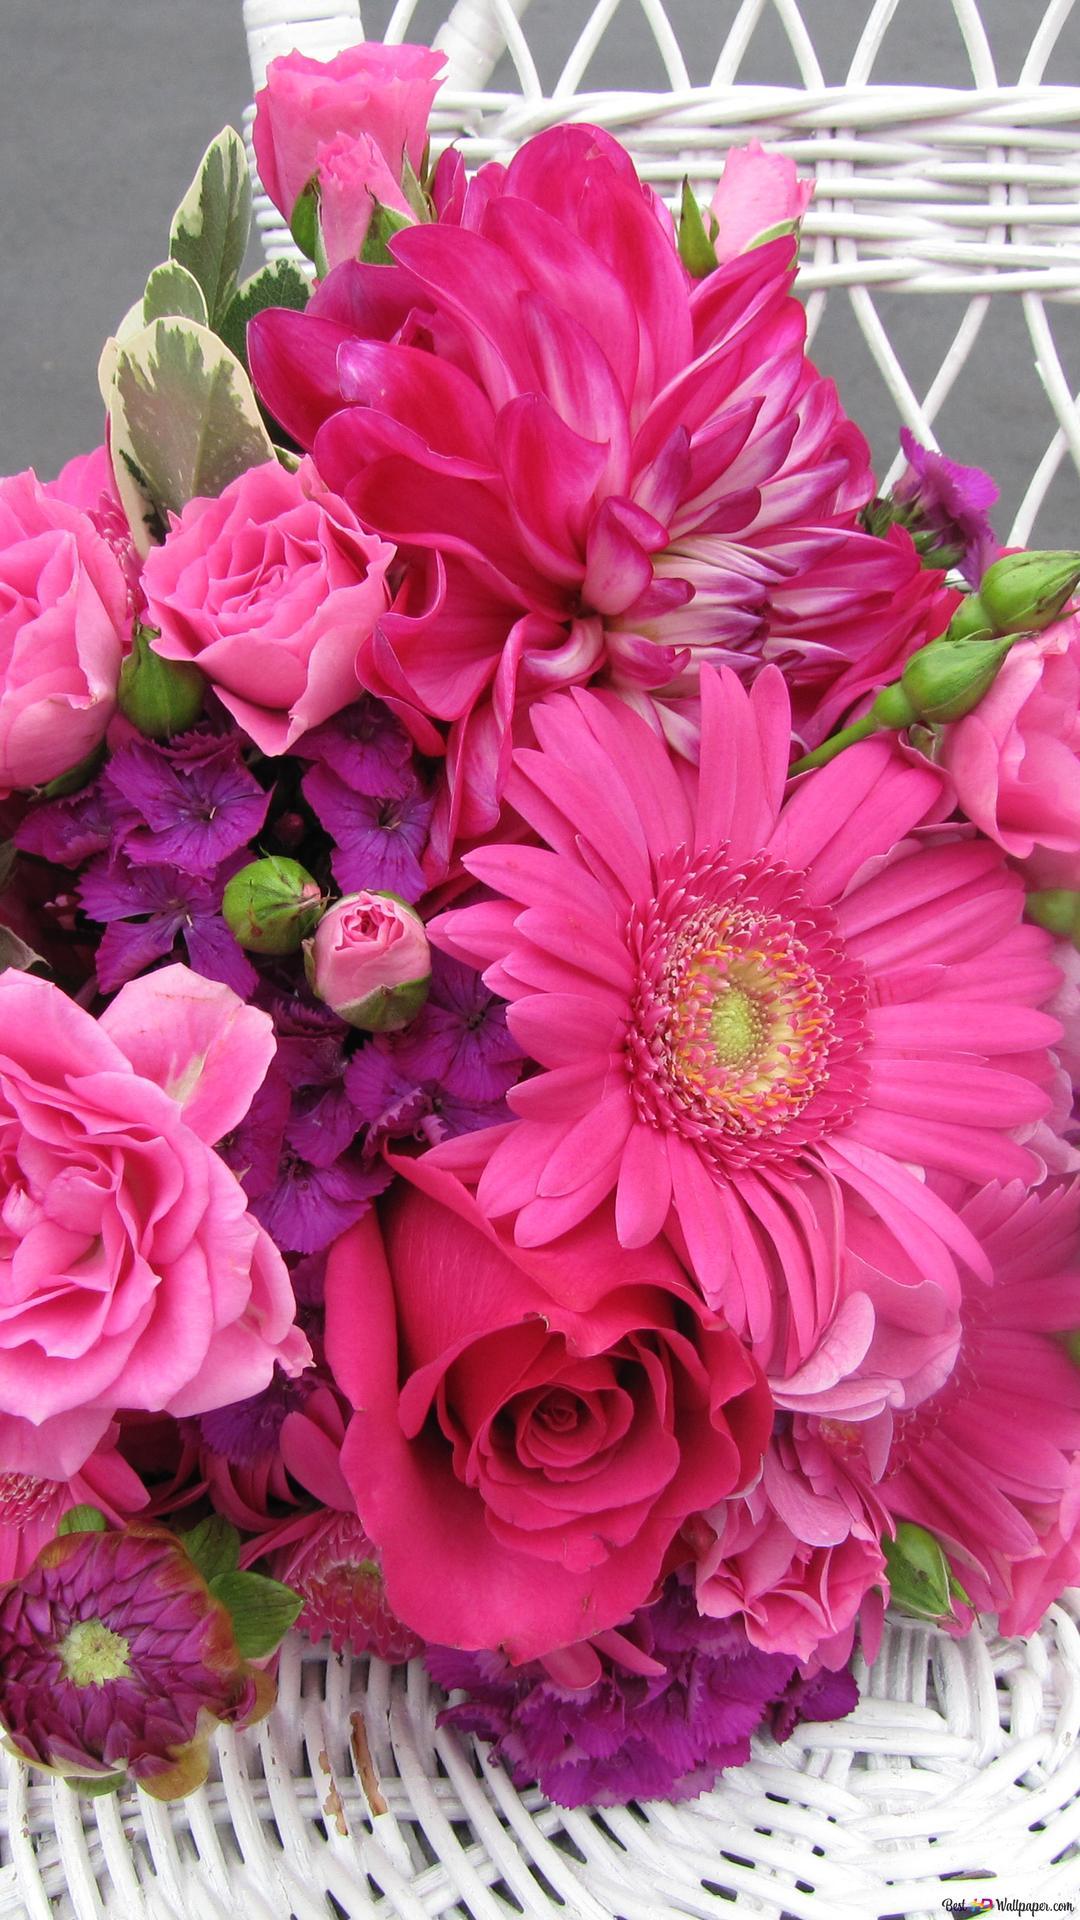 バレンタインの日 ピンクの花の花束 Hd壁紙のダウンロード